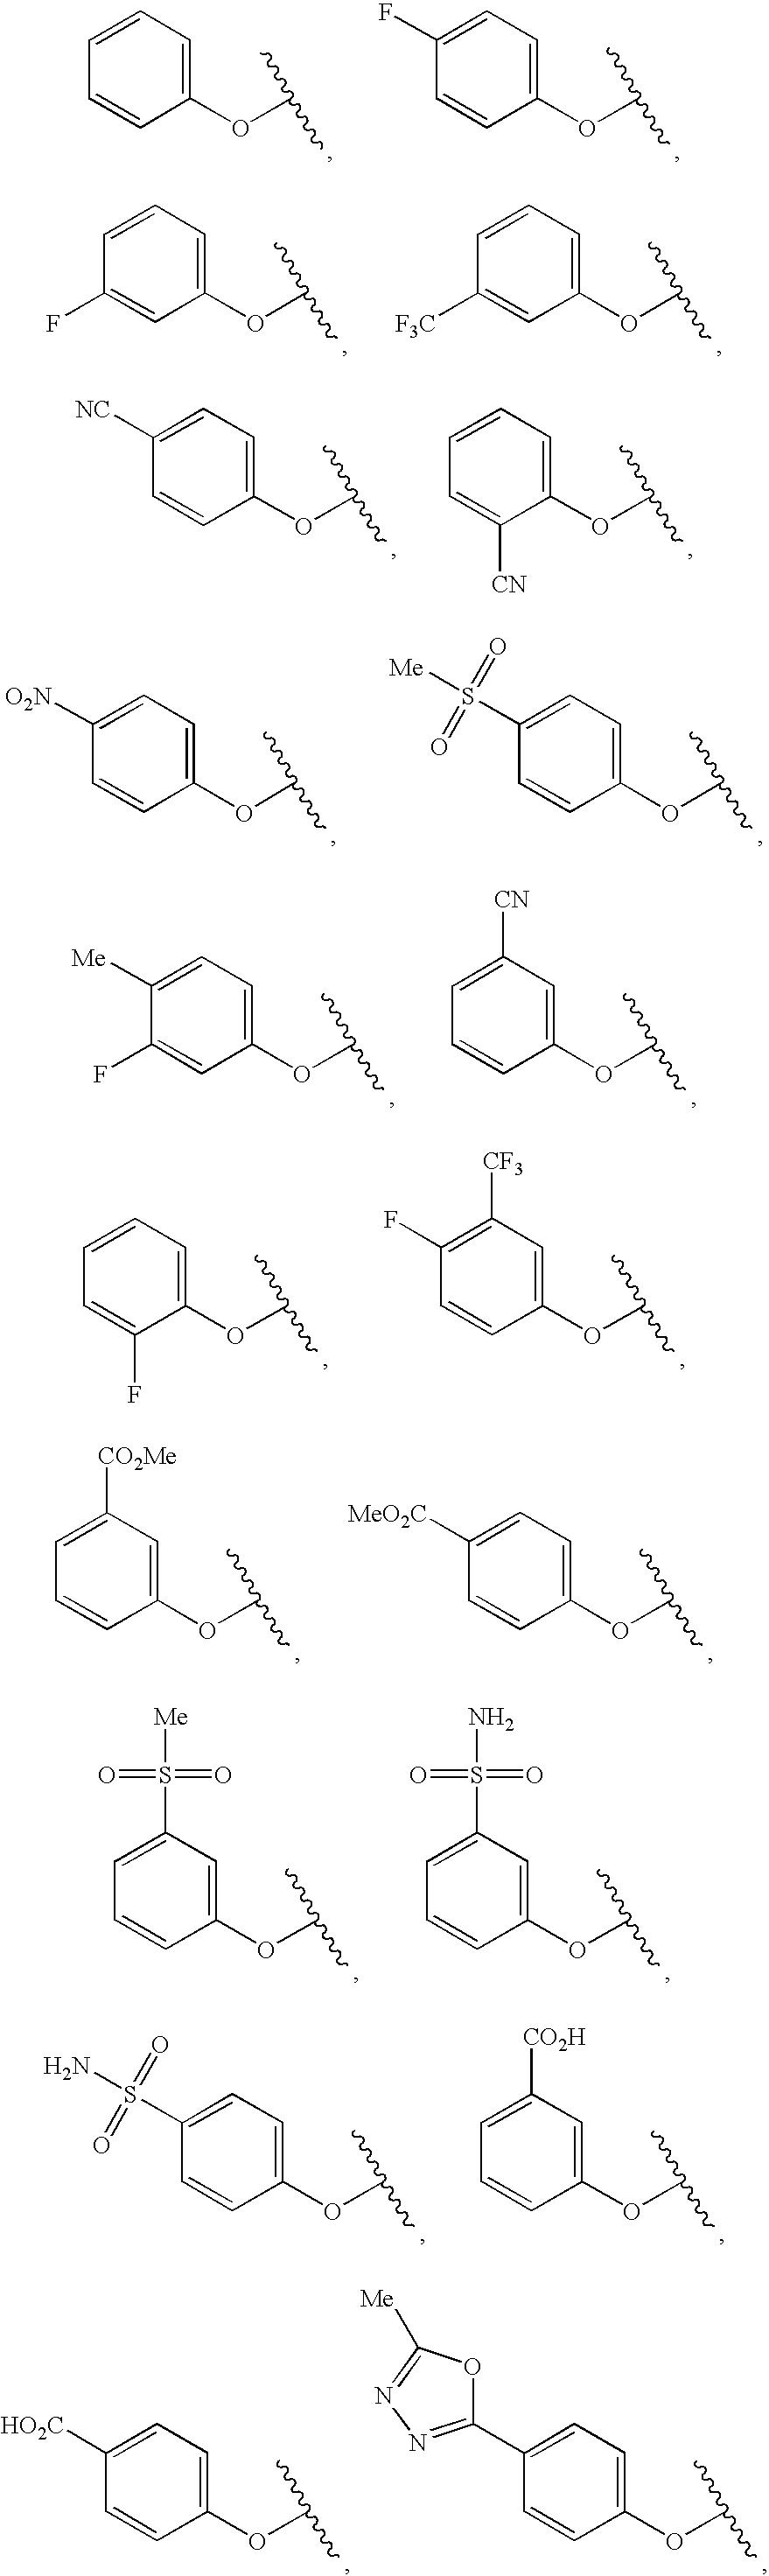 Figure US08927551-20150106-C00170